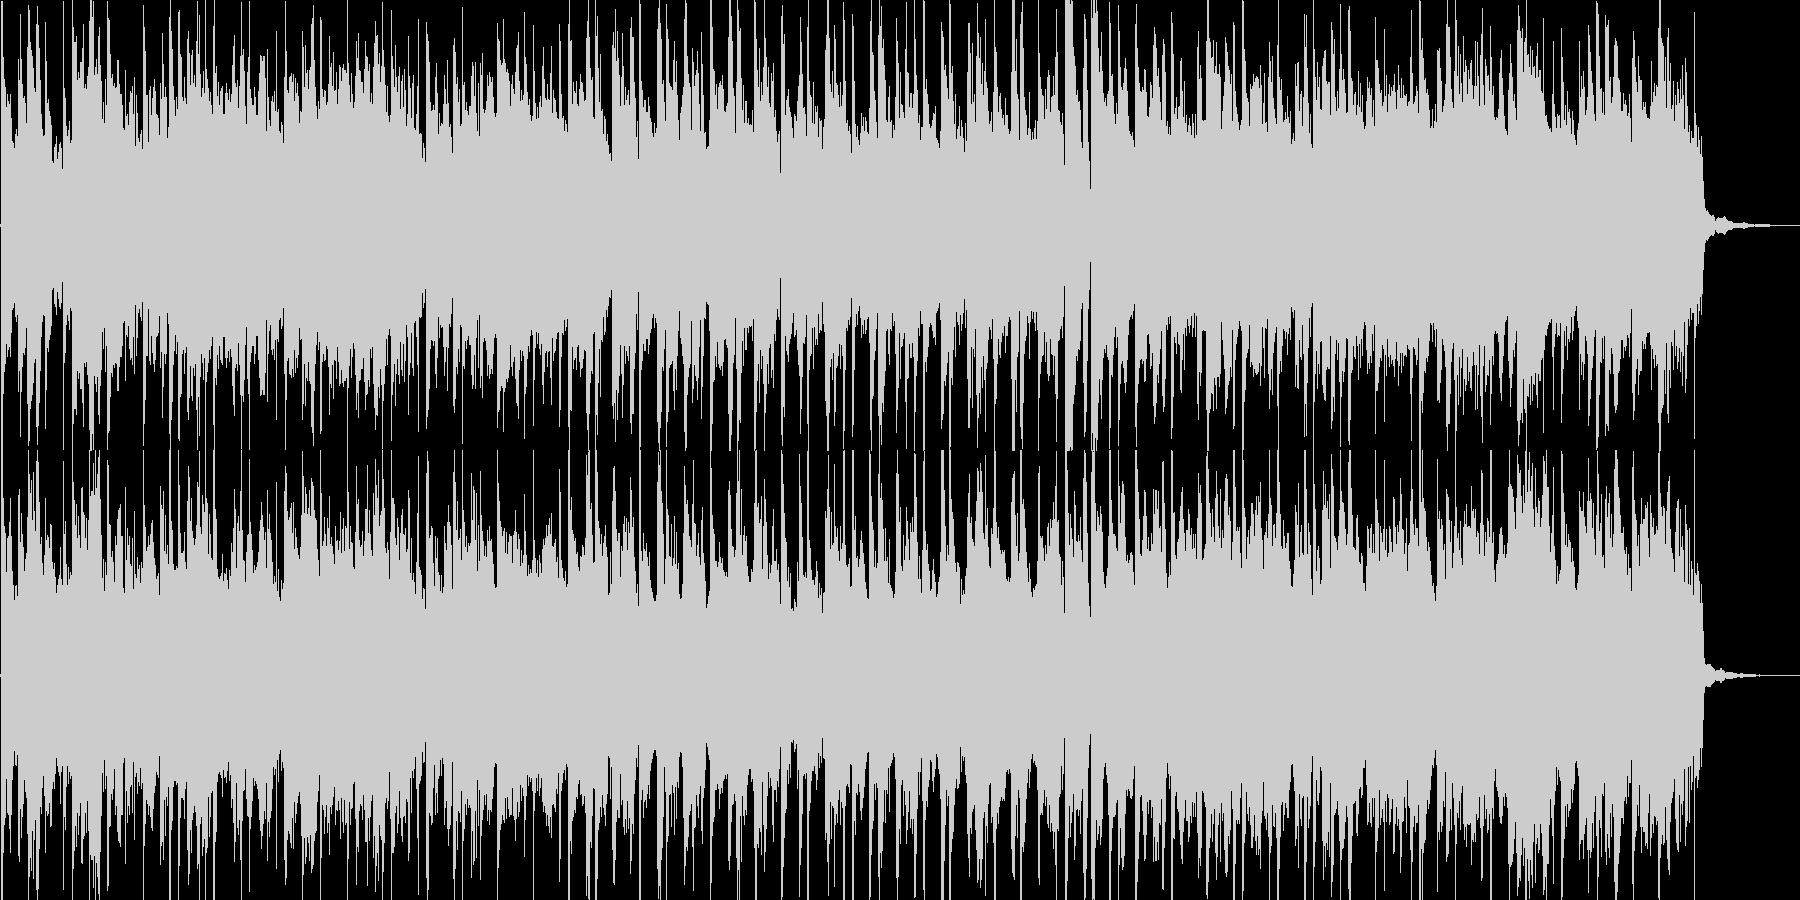 子供用のご機嫌な雰囲気のBGMの未再生の波形